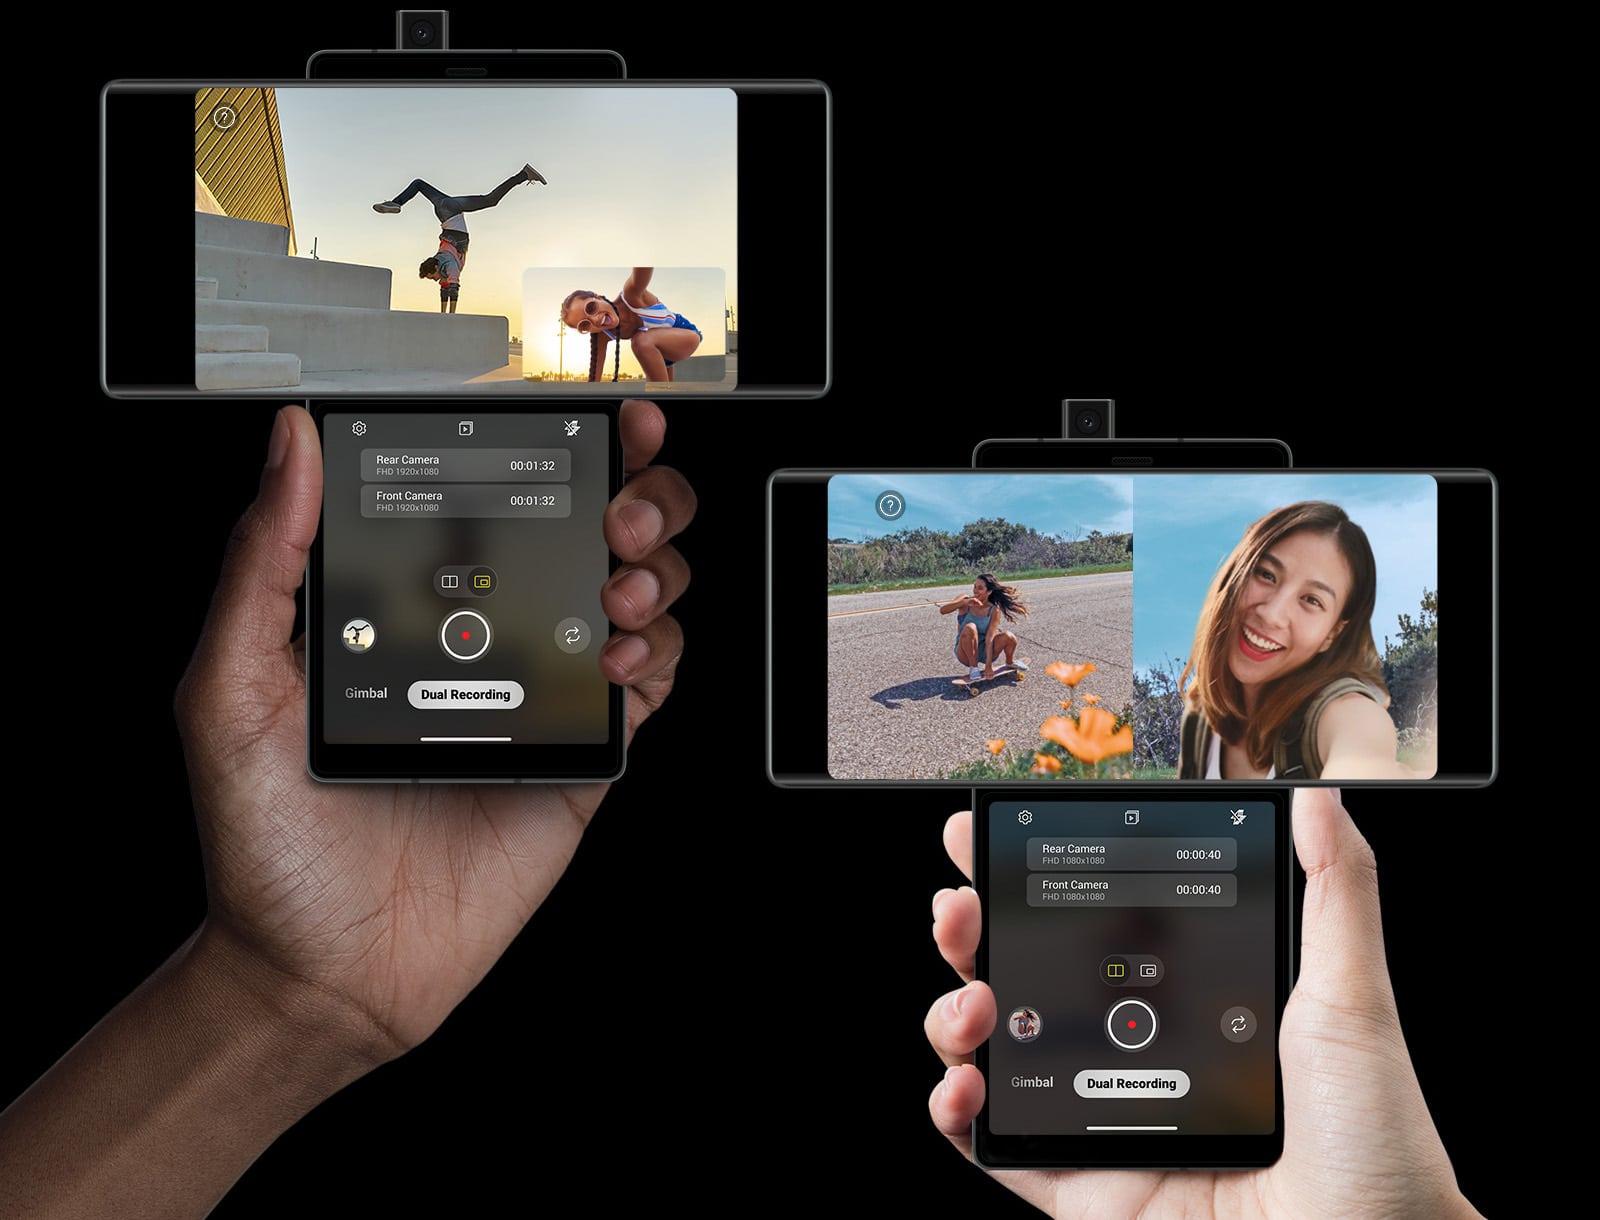 RIP วันนี้ 31 พฤษภาคม 2021, LG ประกาศยุติการผลิตสมาร์ทโฟนอย่างเป็นทางการ